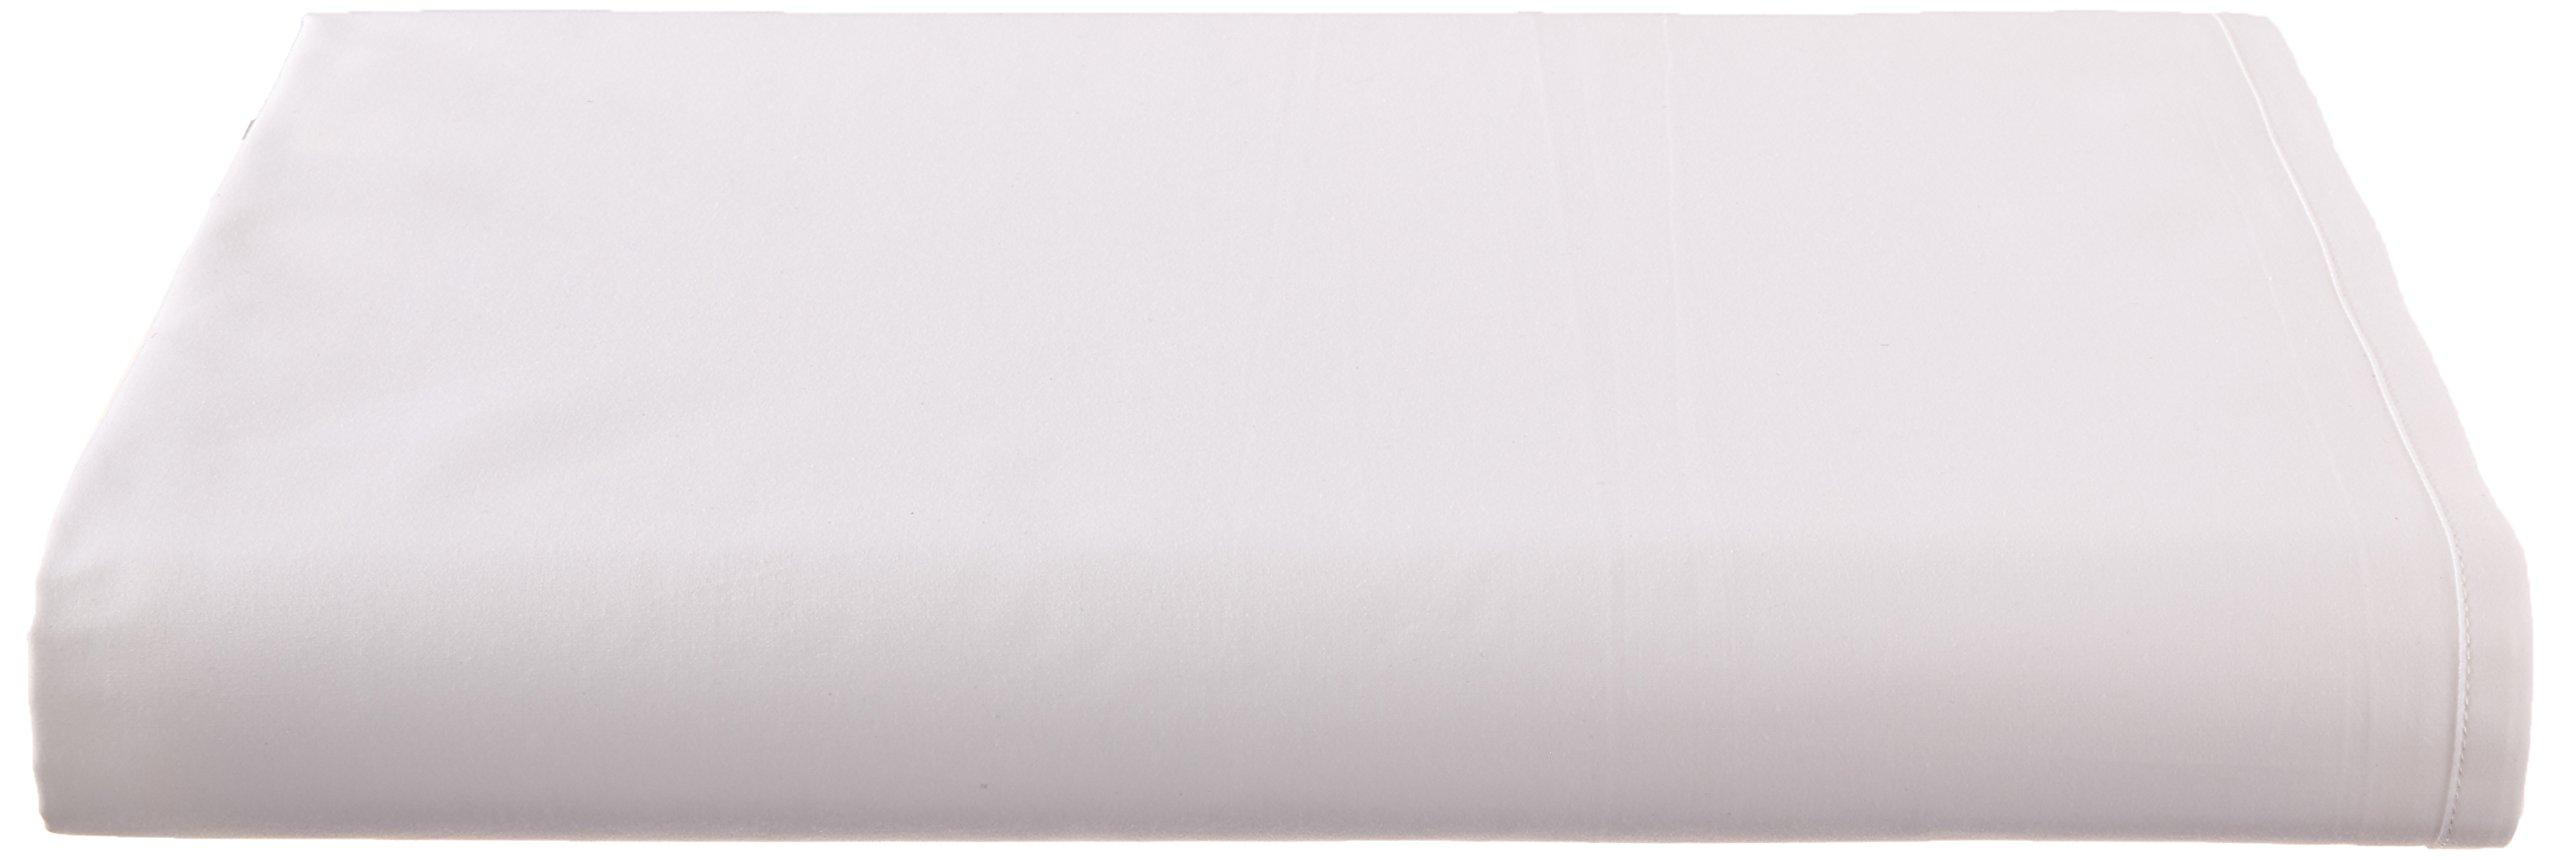 Calvin Klein Home Clone, King Flat Sheet, White by Calvin Klein